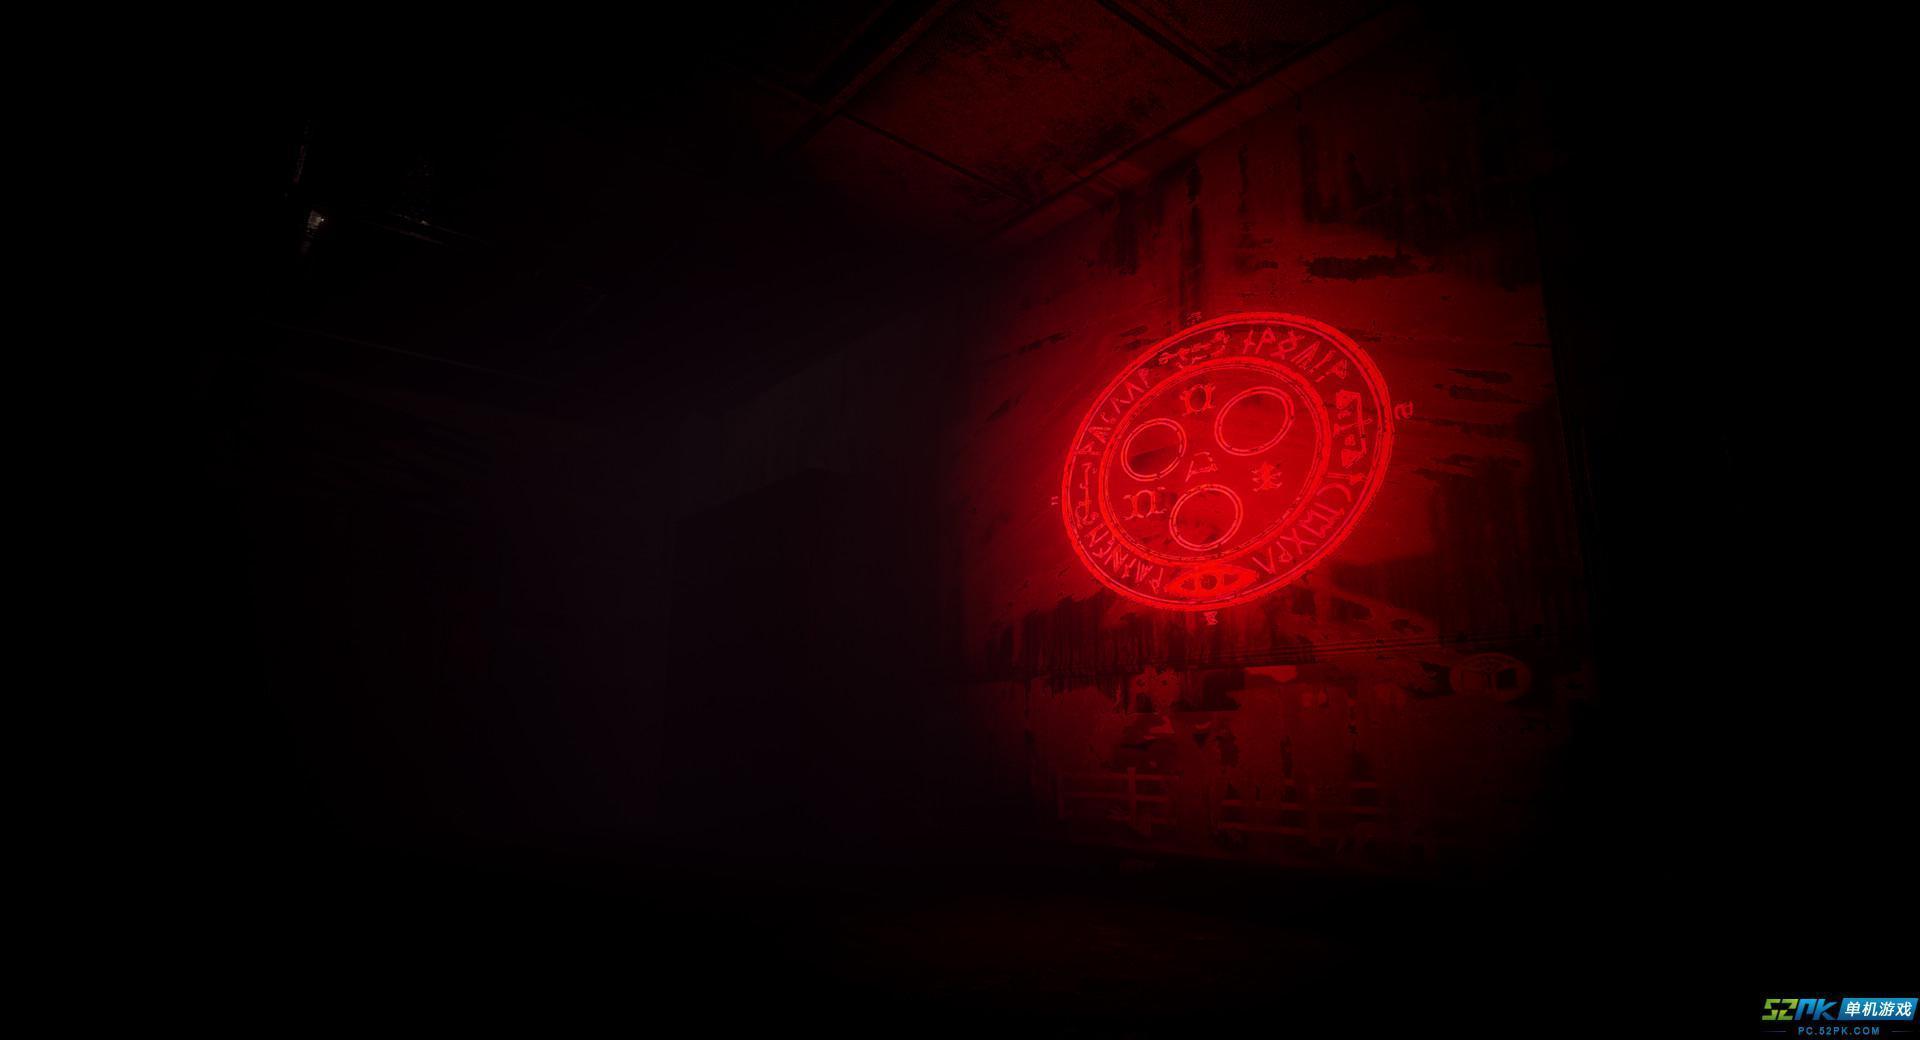 CA工作室设计师用虚幻4打造寂静岭恐怖环境